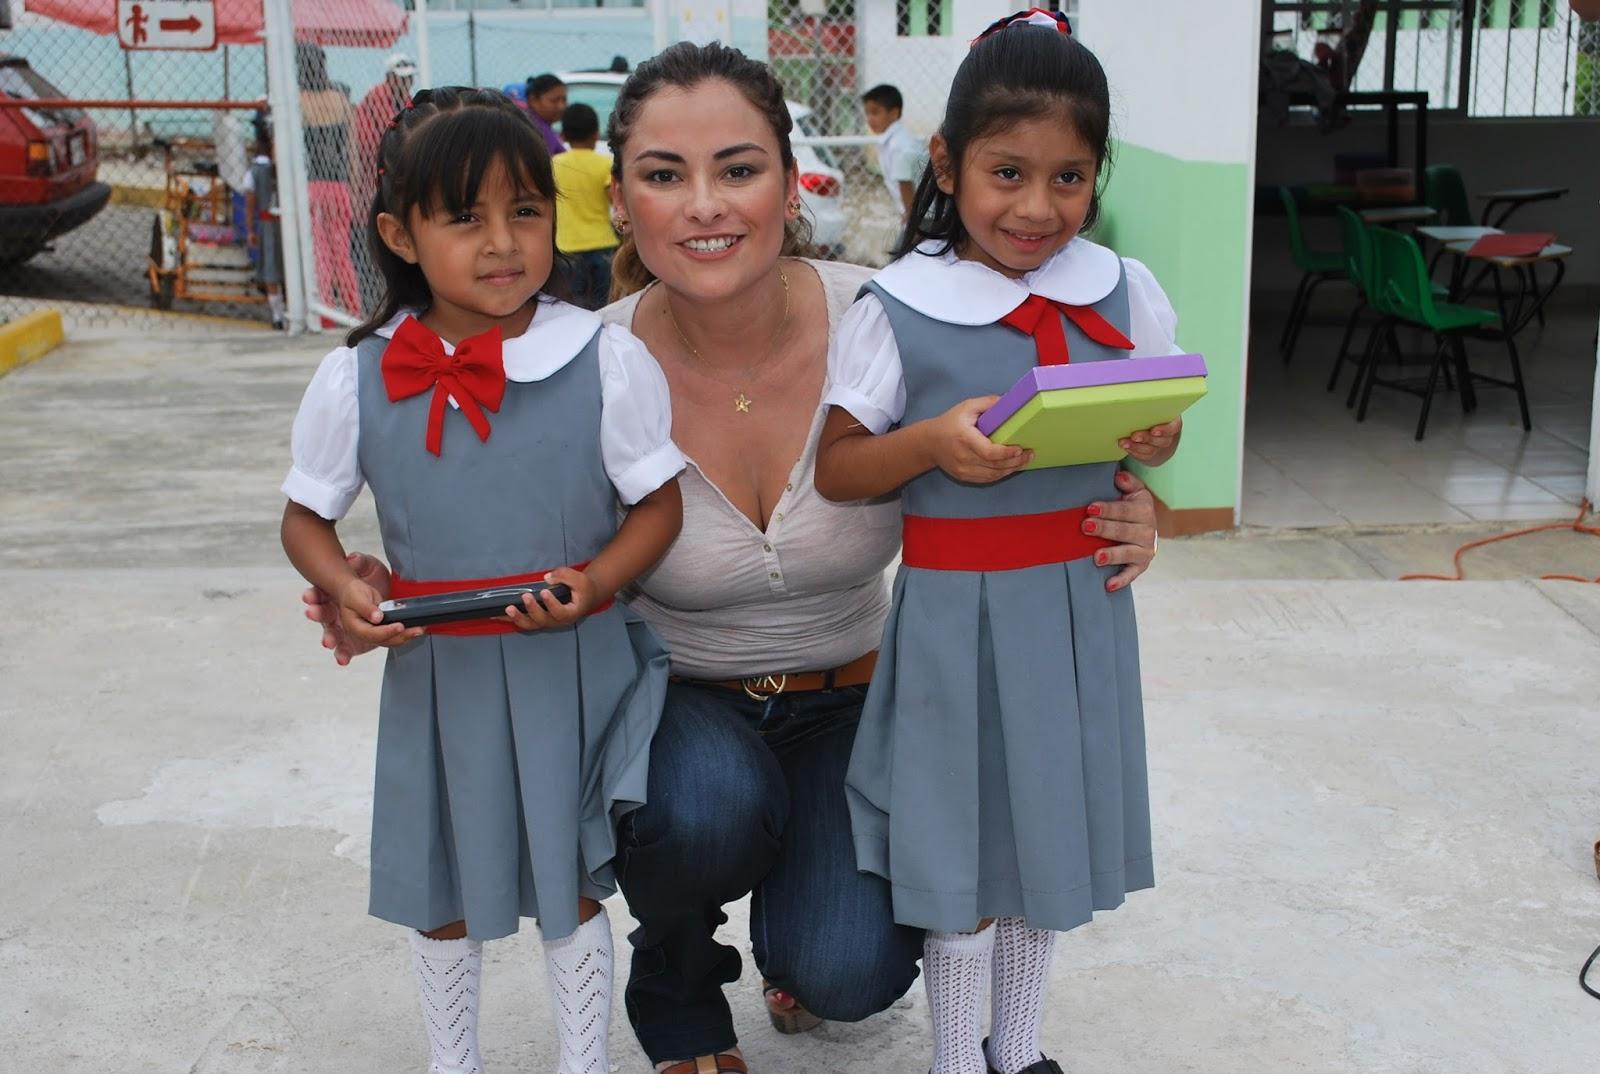 Baños Para Jardin De Ninos: de bonitos regalos, los padres de familia recibieron de Nayeli Jarillo